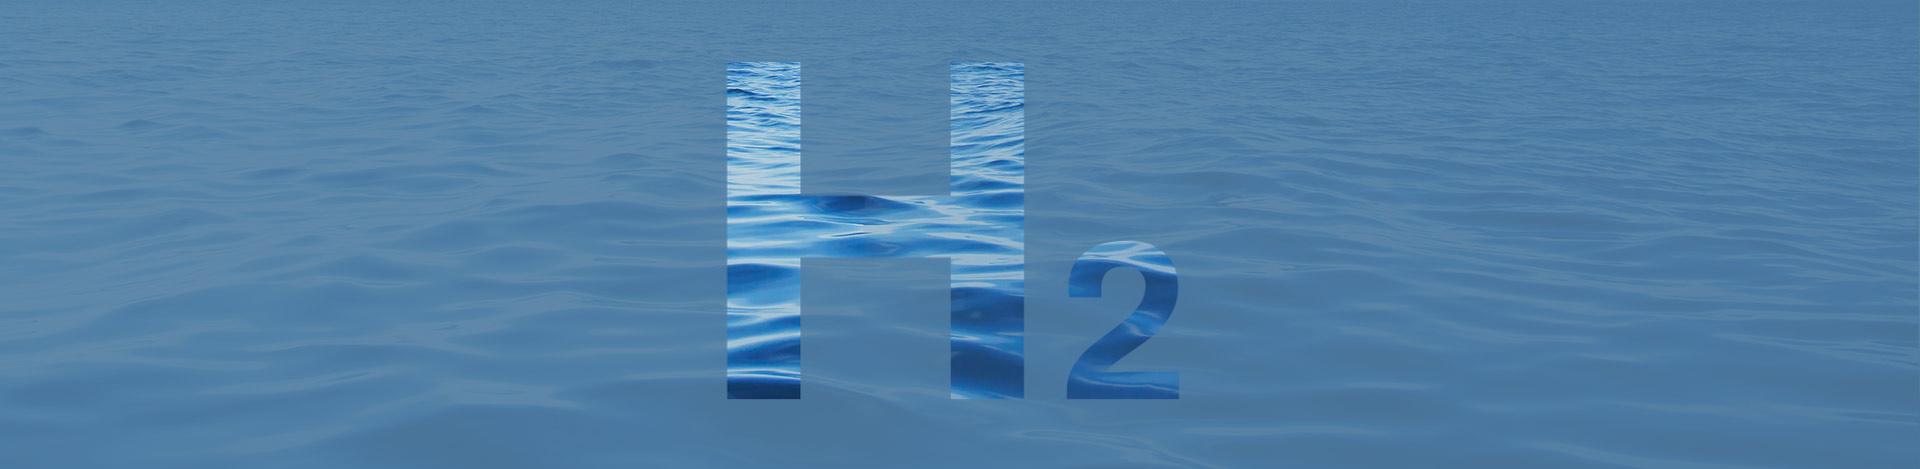 Hydrogène vert, une solution prometteuse